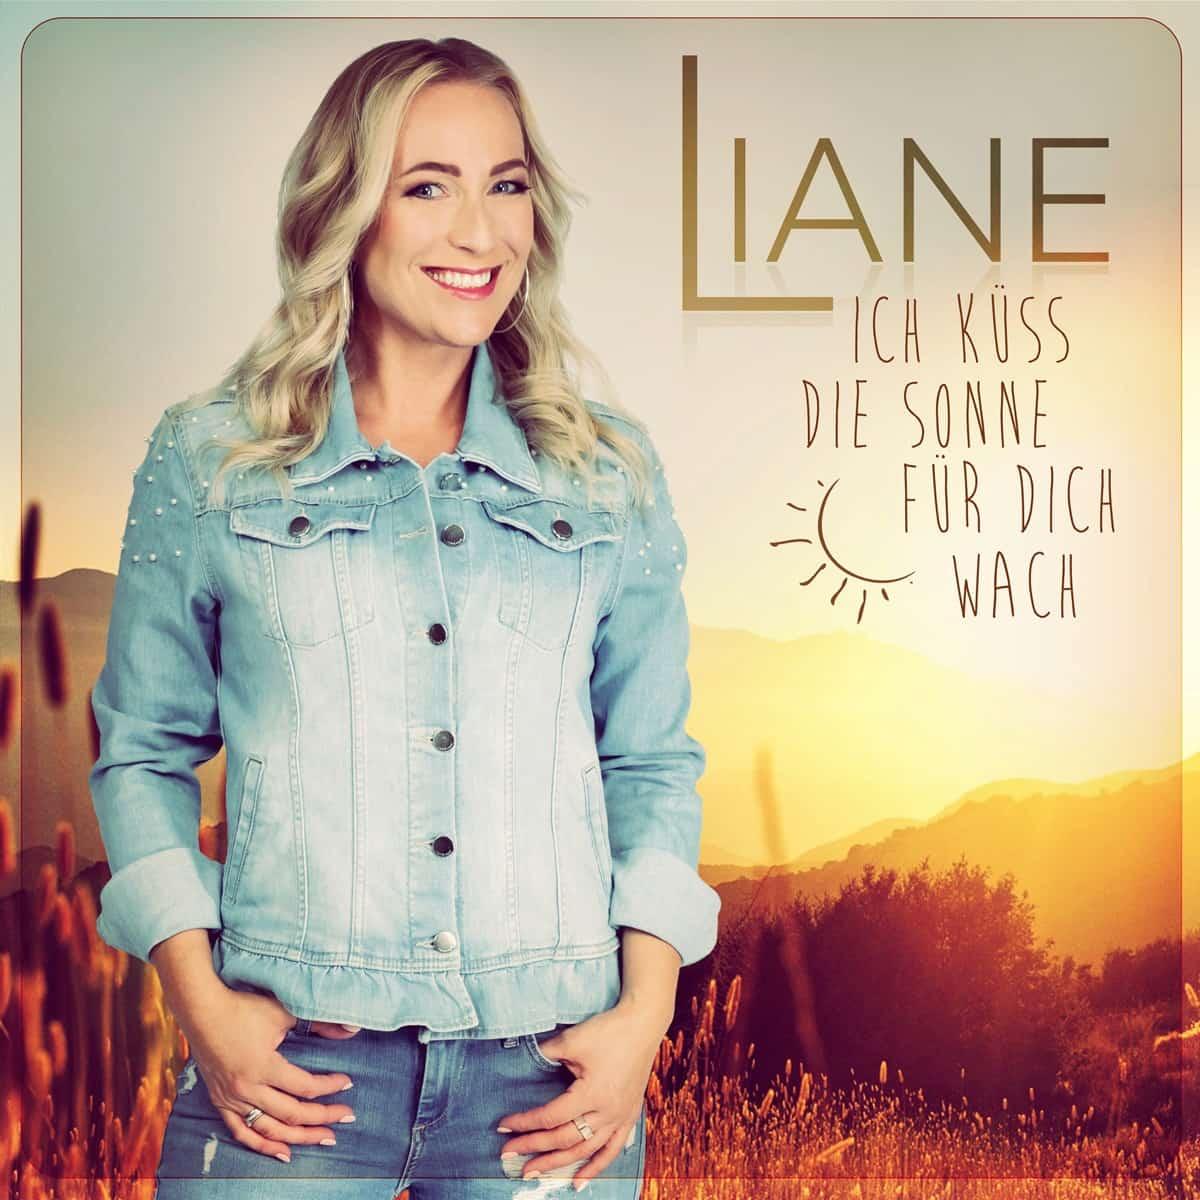 """Liane: Neuer Schlager """"Ich küss die Sonne für dich wach"""" mit Video veröffentlicht"""